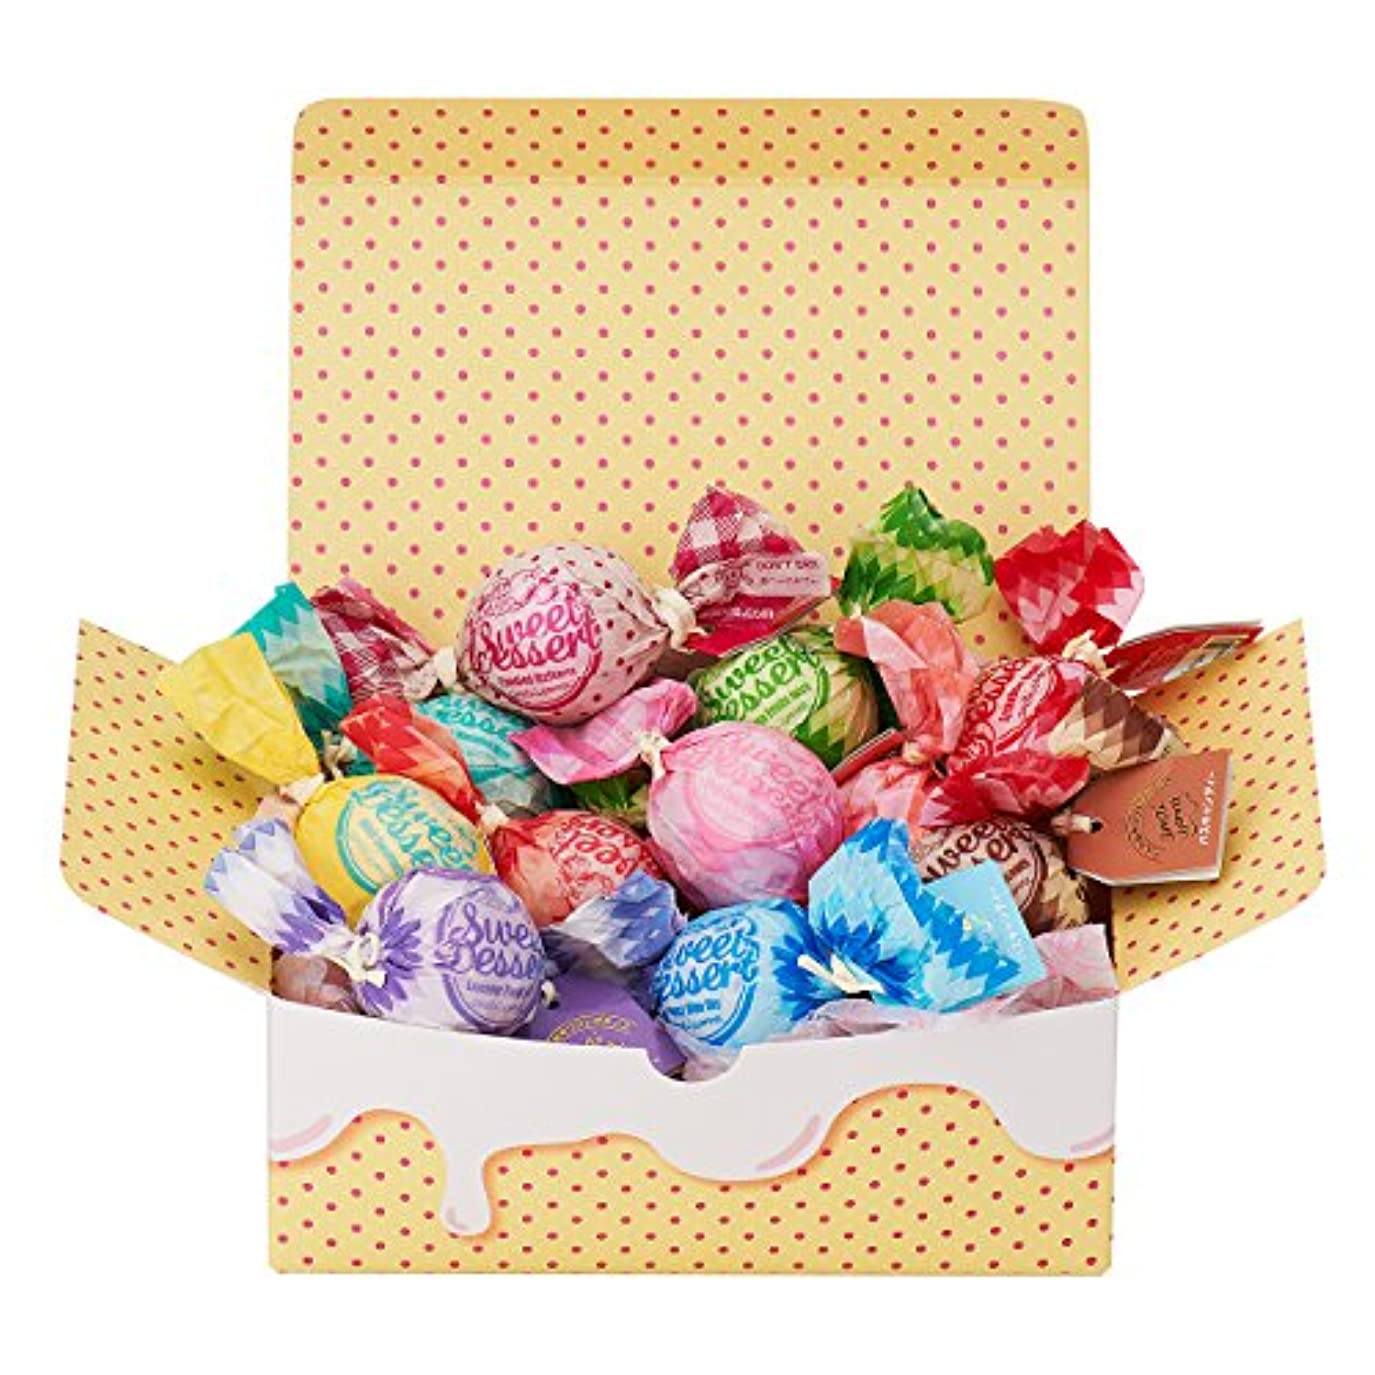 アマイワナ 11粒のしあわせ(箱入りバスギフト キャンディー型入浴料×11個)